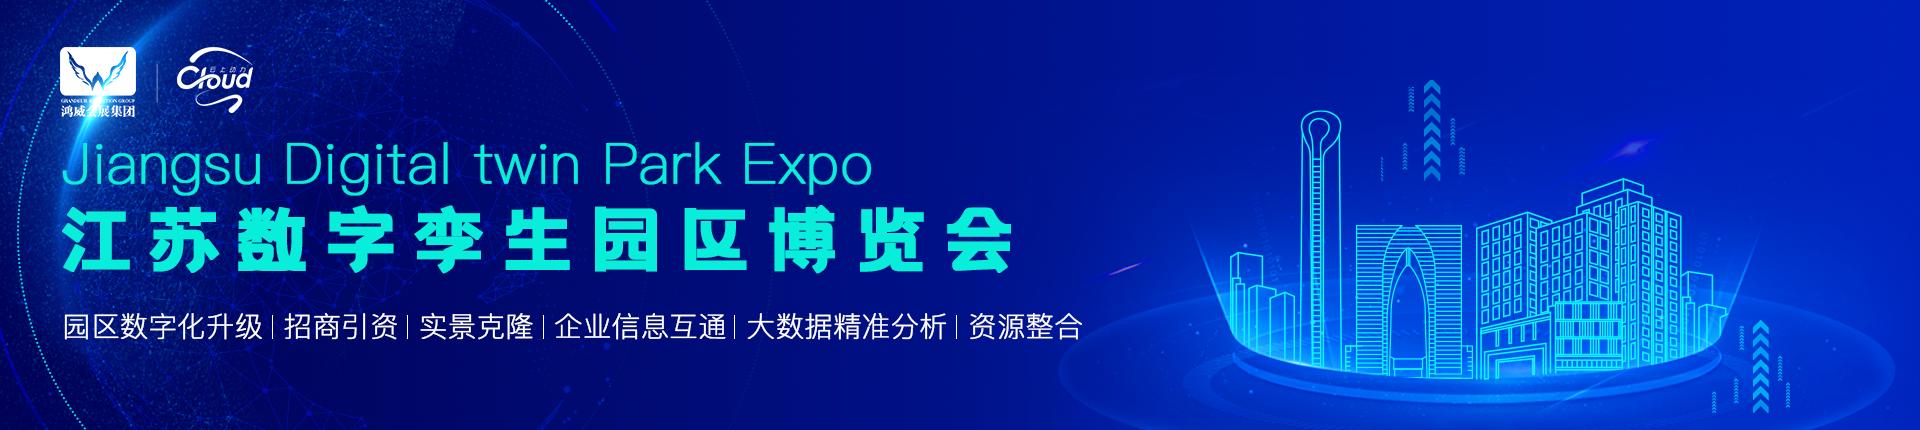 江苏数字孪生园区博览会